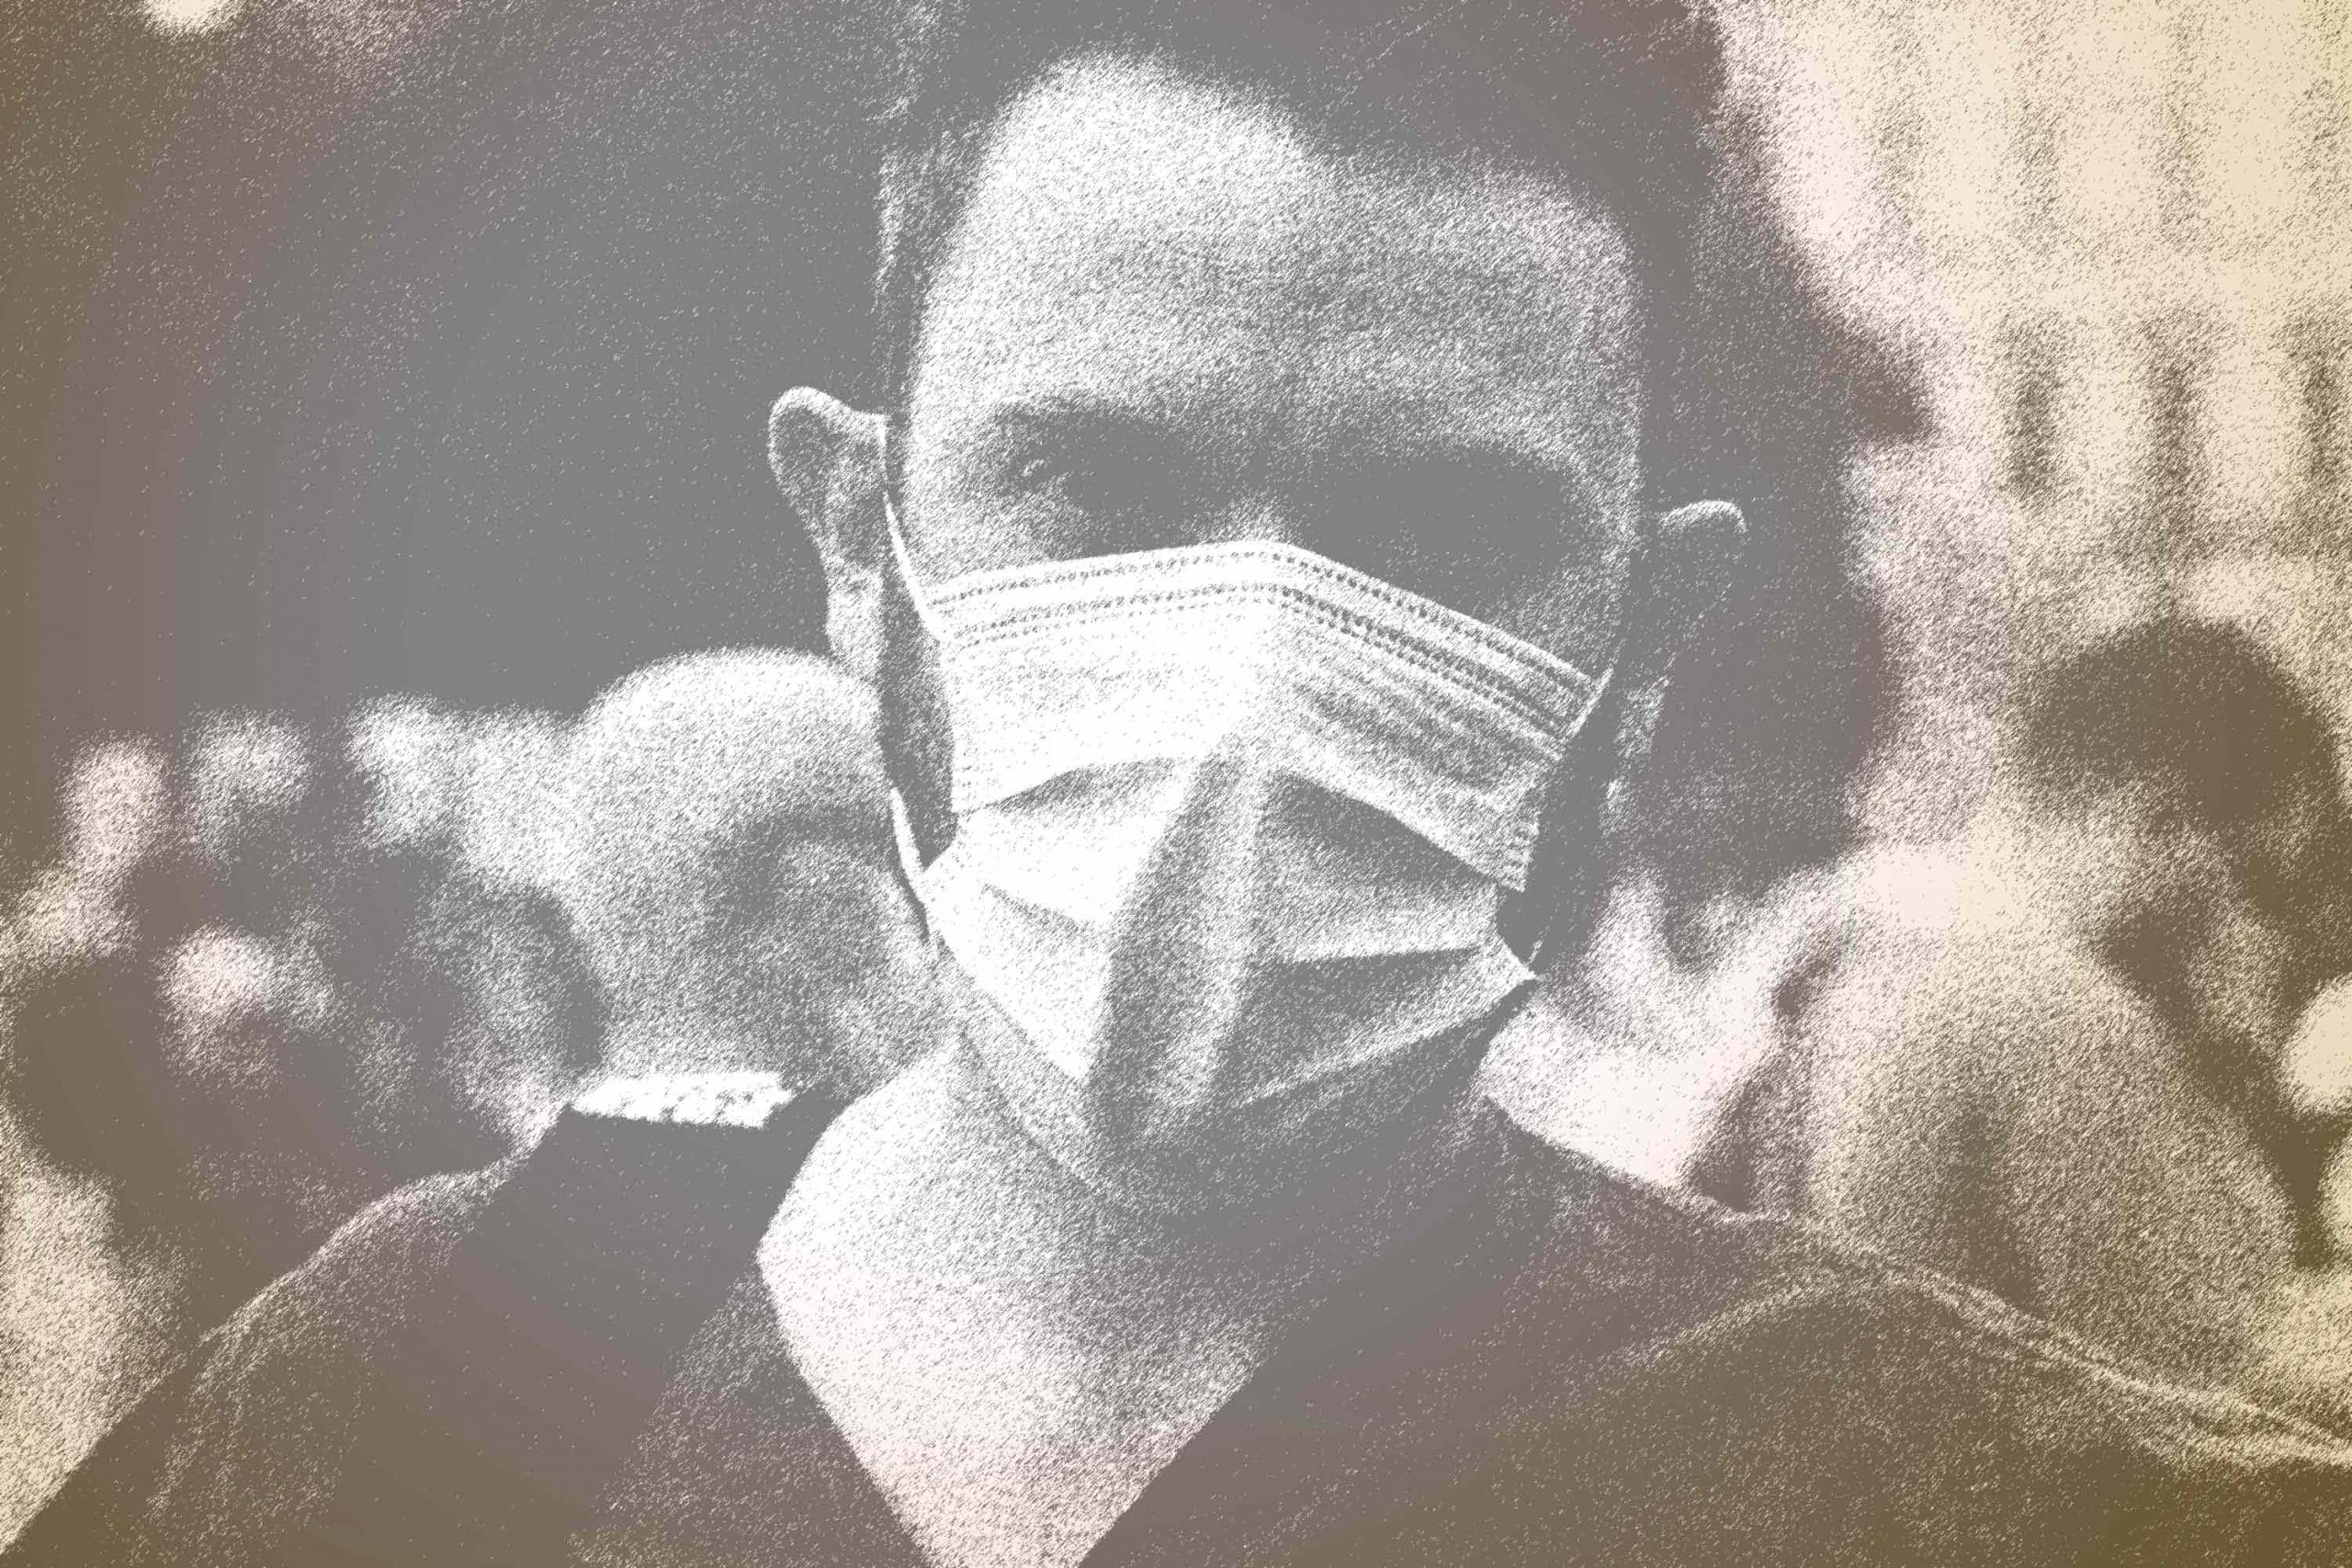 Mann mit Corona-Maske